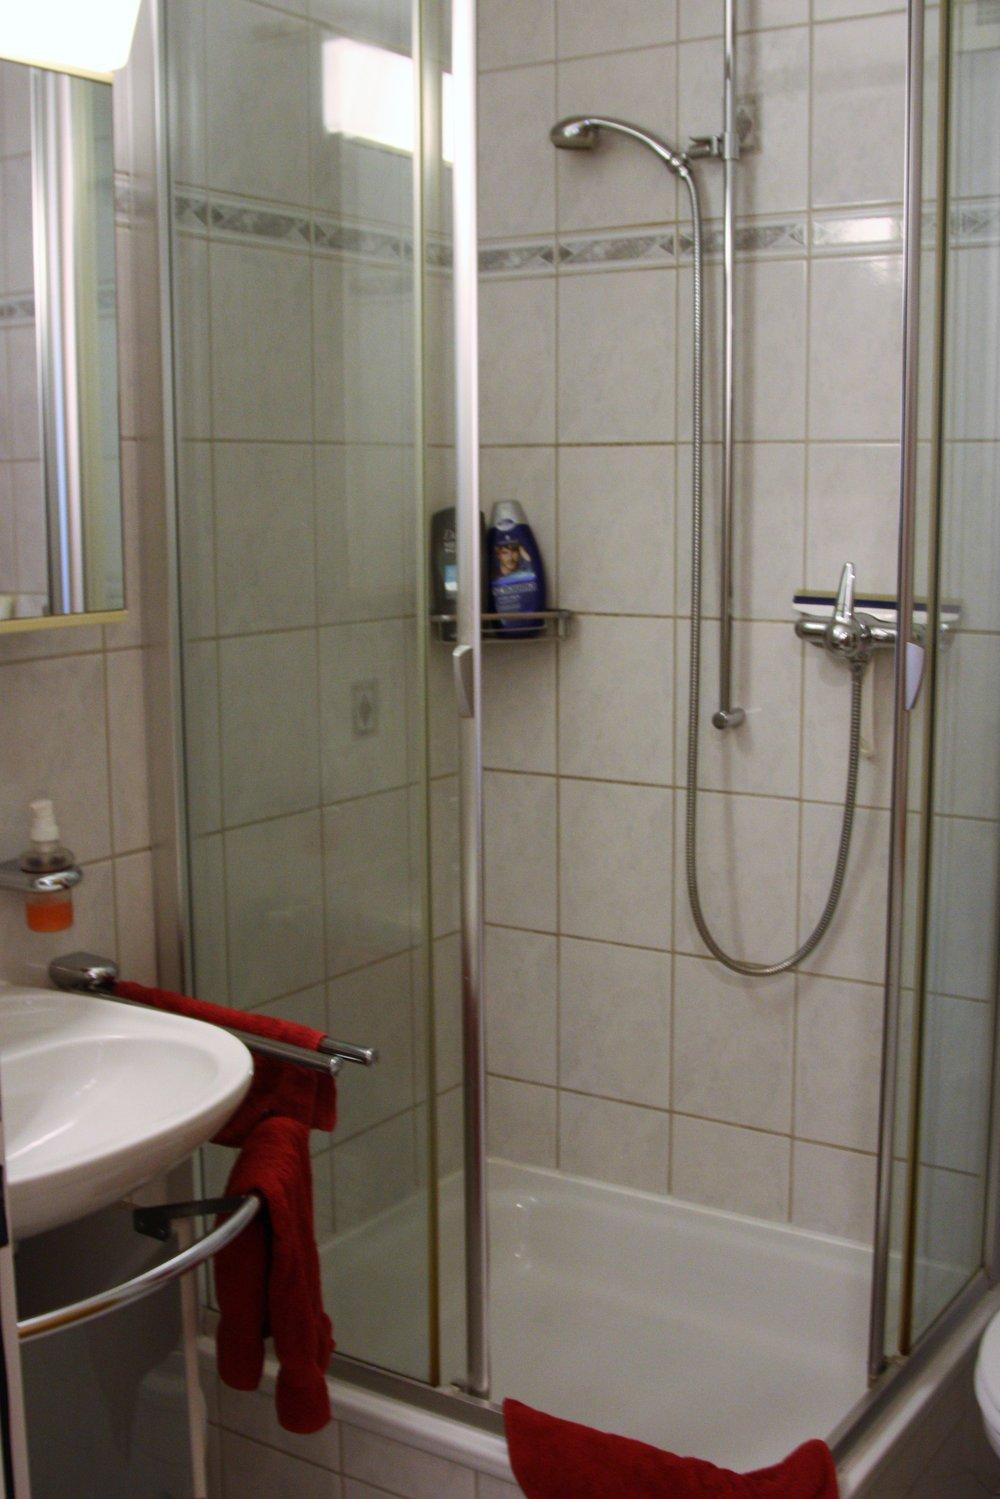 Gäste WC Dusche.JPG